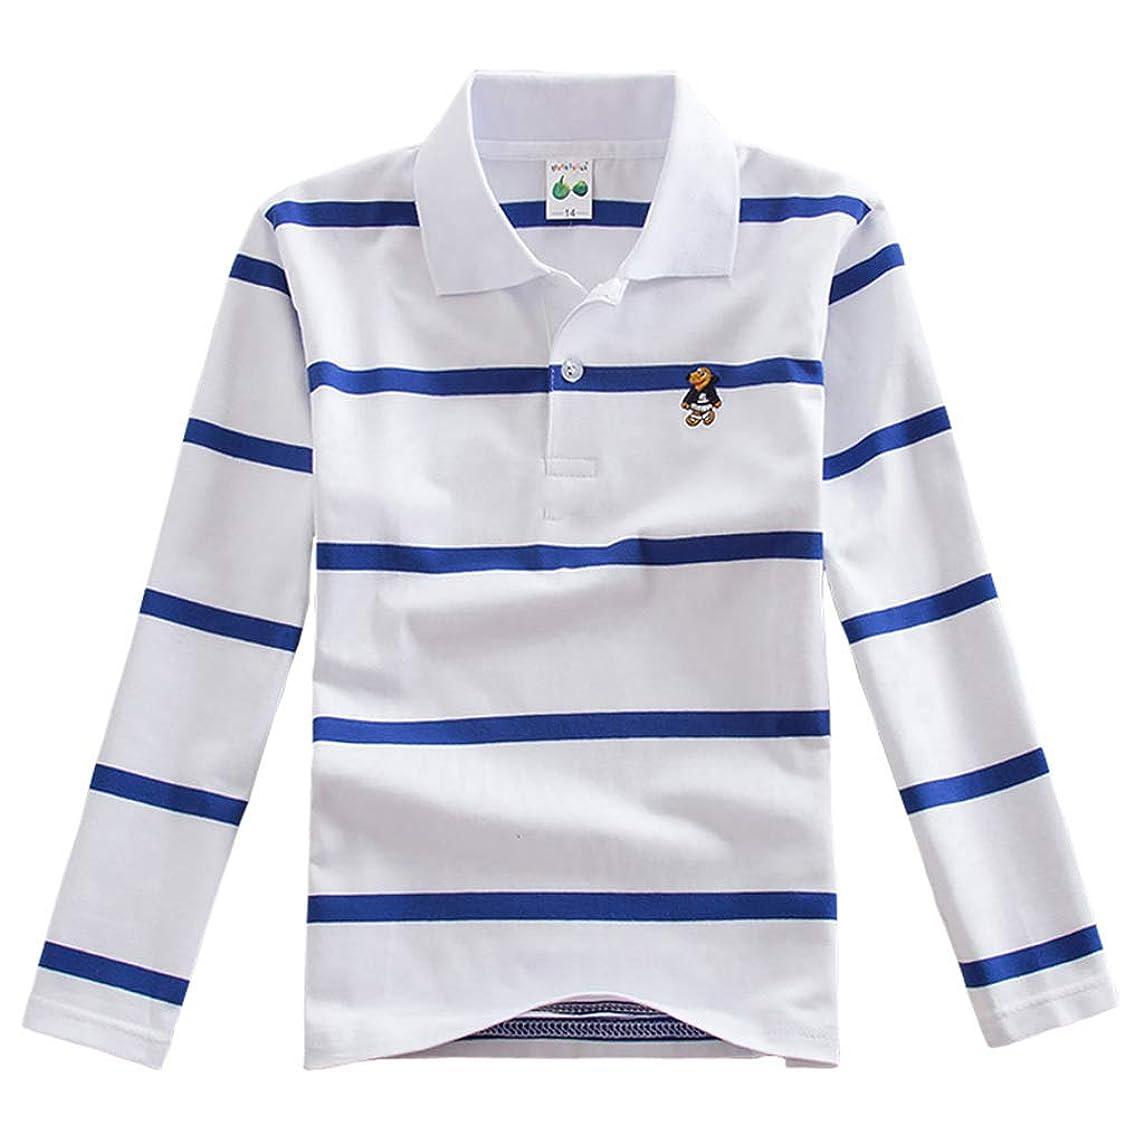 銀万一に備えて統合するNiceYY 子供服 男の子 ポロシャツ 長袖 poloシャツ 秋 ボーダー柄 折り襟 キッズ Tシャツ スクール ジュニア 学生 高校生 お受験 着心地がいい